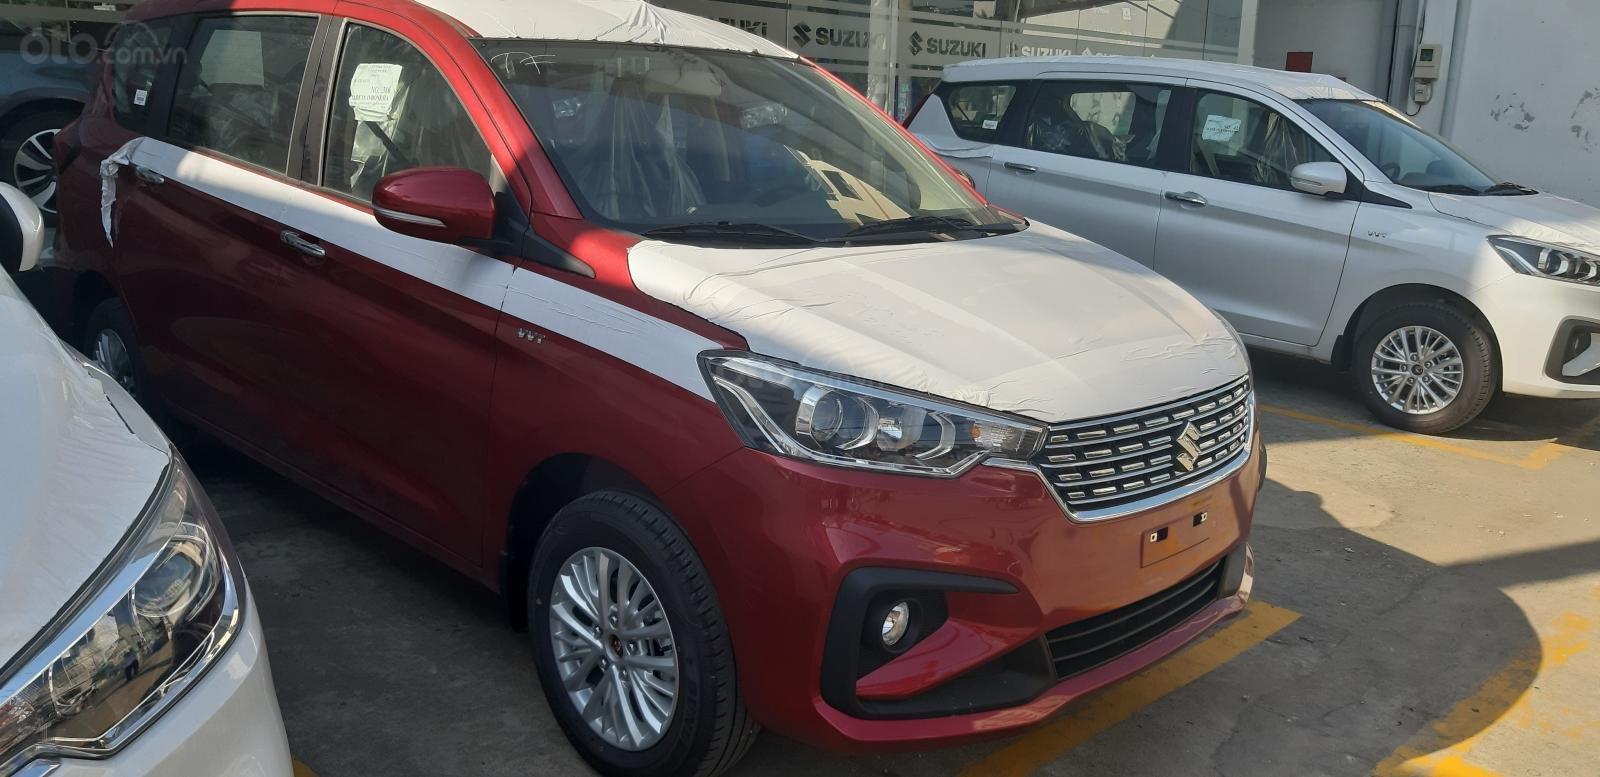 Bán Suzuki Ertiga GLX màu đỏ, xe có sẵn hot hot, hỗ trợ Bank cao (2)